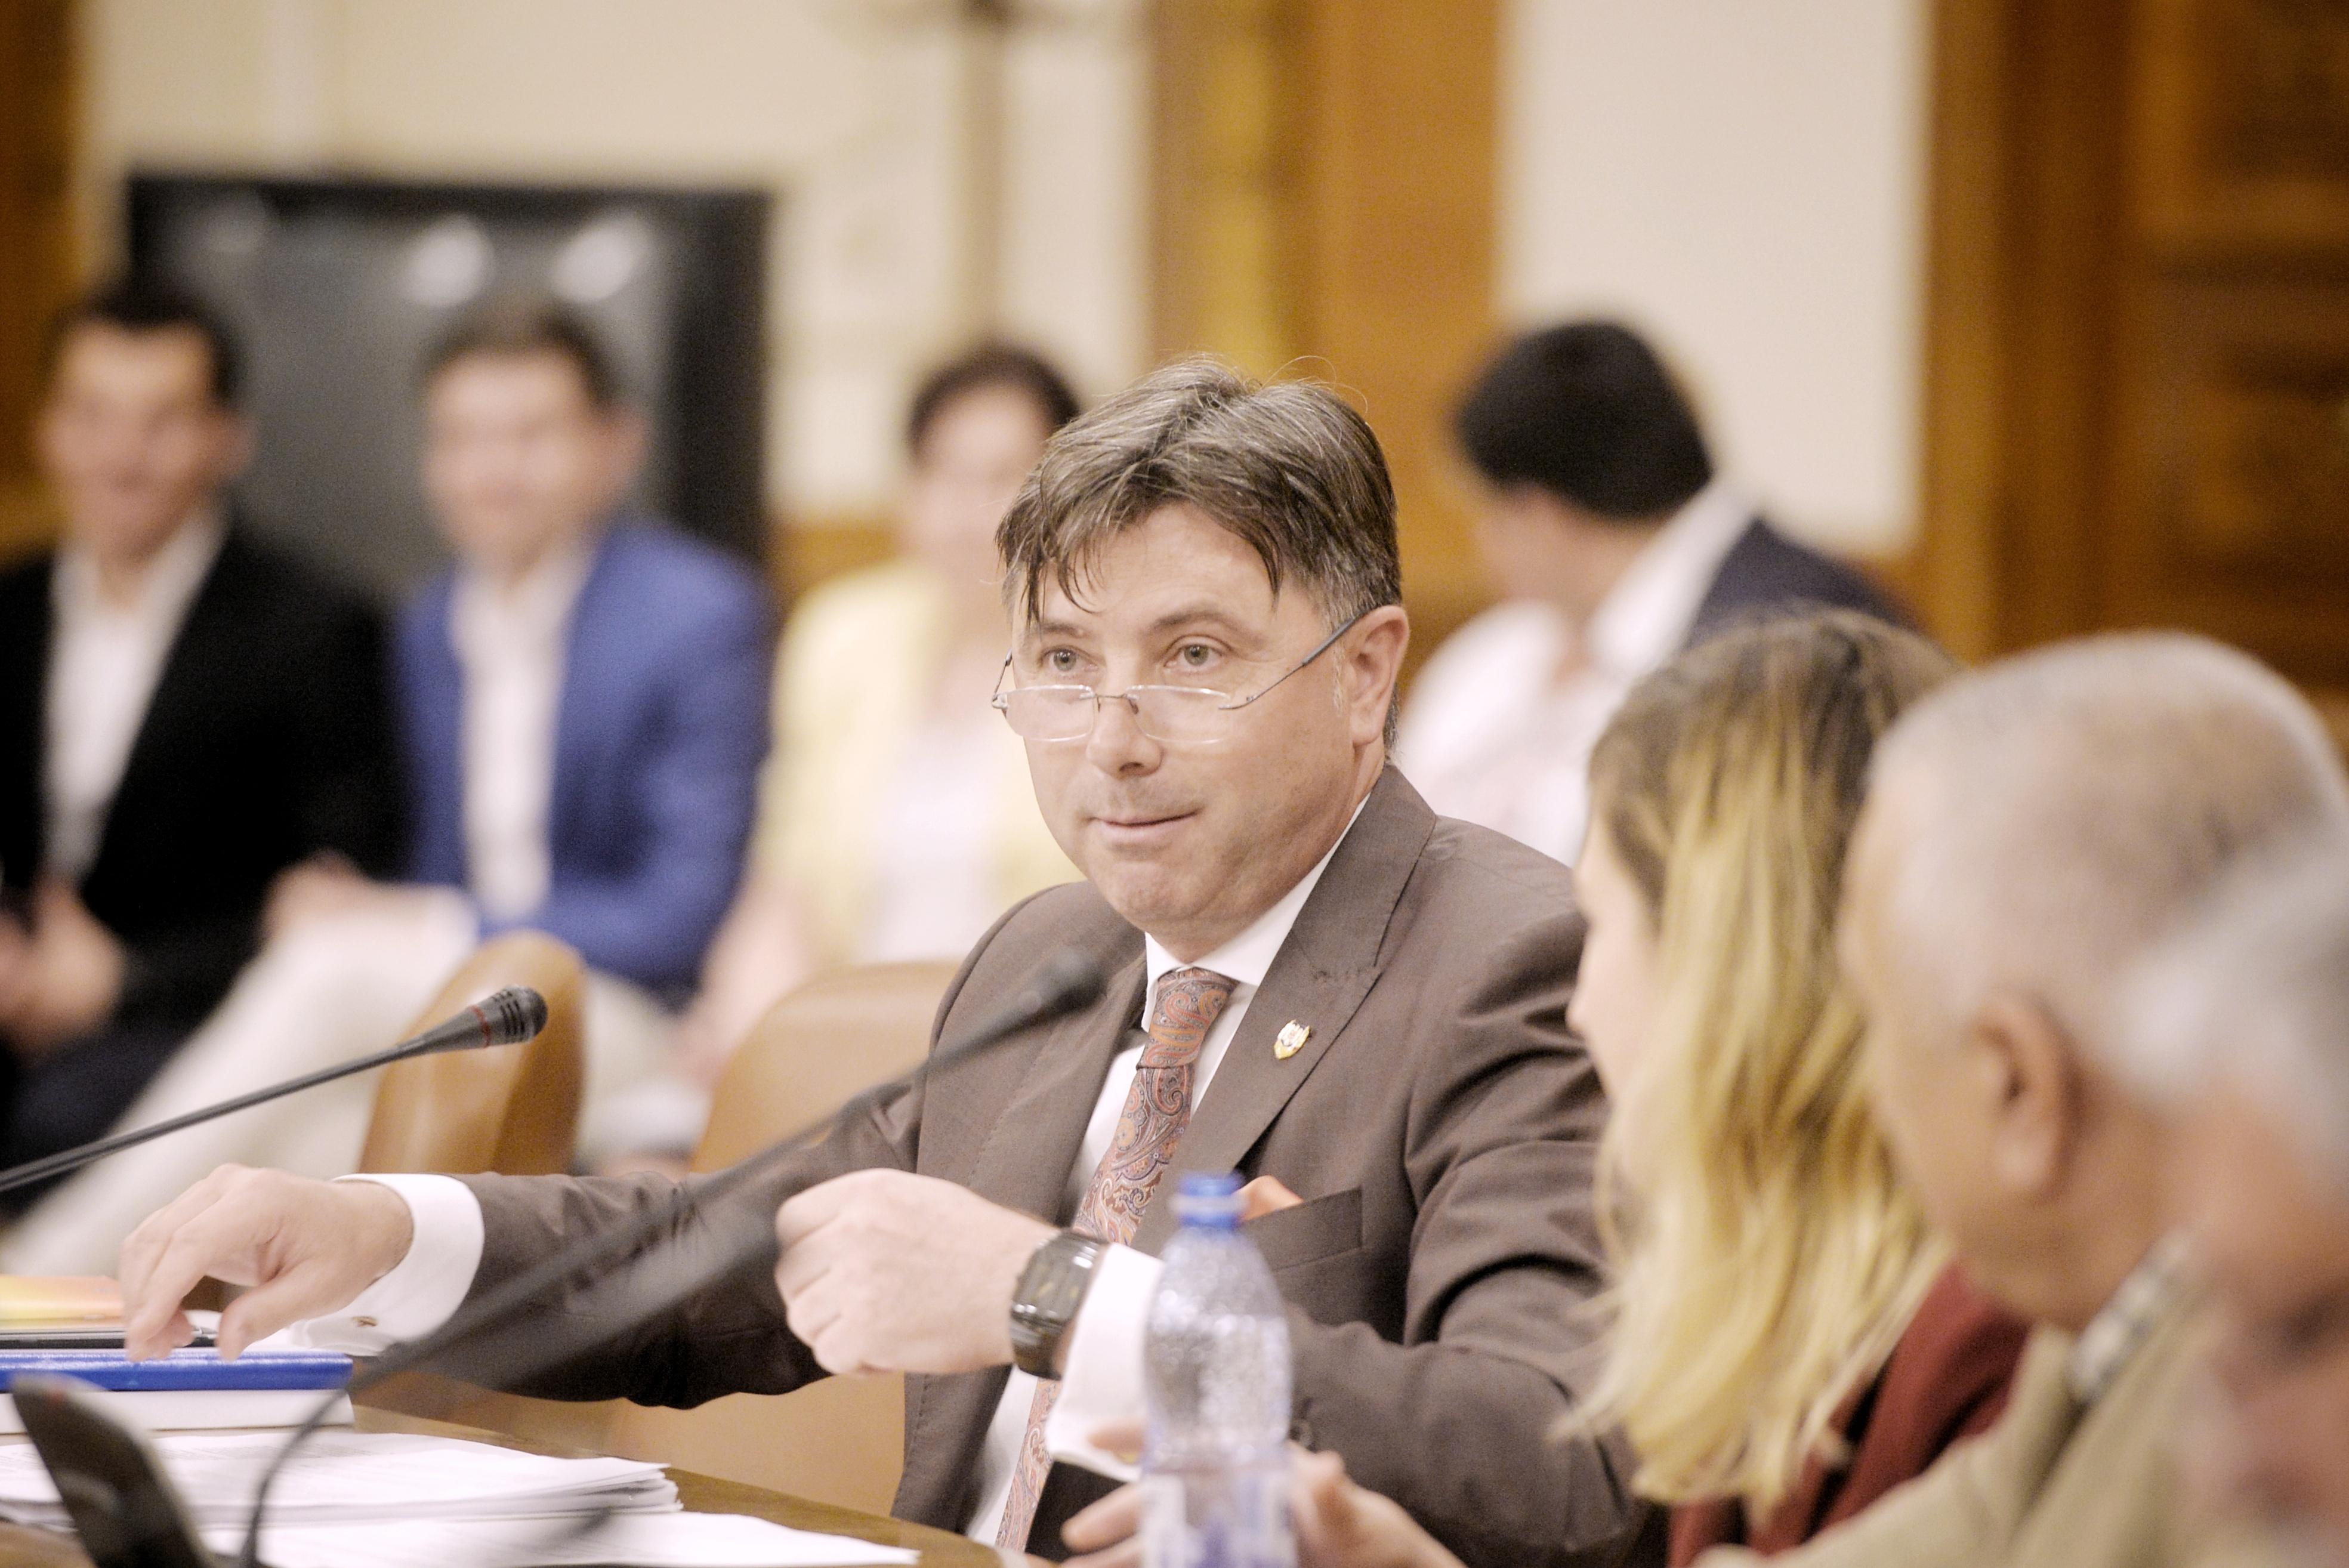 DNA cere urmărirea penală a ministrului pentru Relaţia cu Parlamentul, Viorel Ilie/ ALDE se va pronunţa asupra solicitării după ce se exprimă Comisia juridică